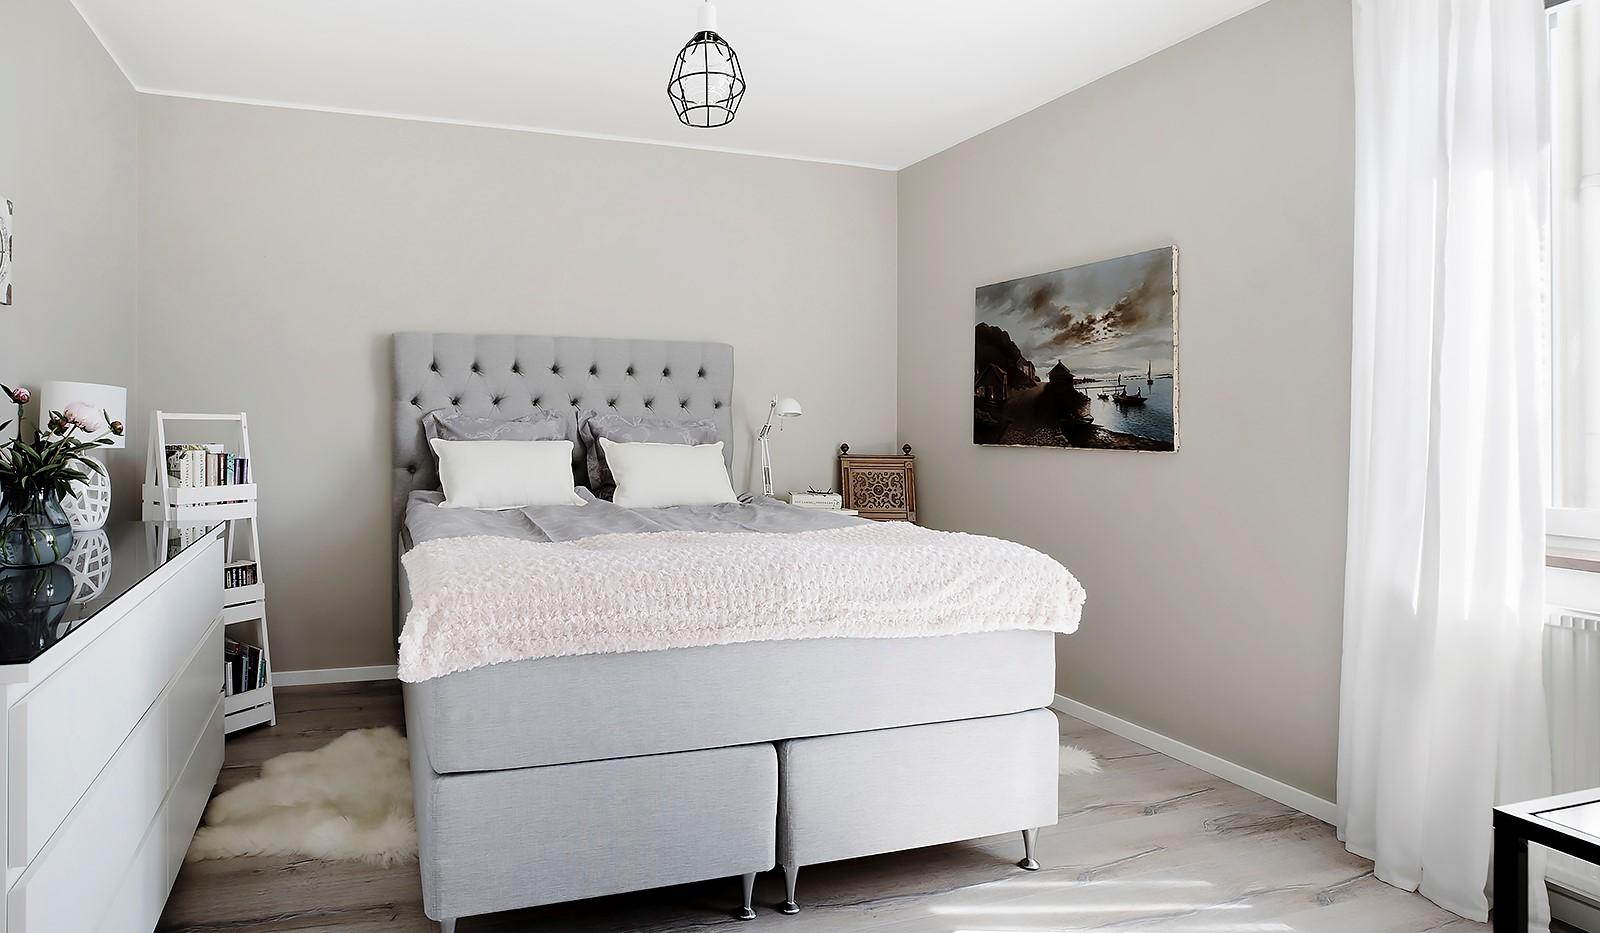 Maria Bangata 9, 5 tr - Rofyllt sovrum med plats för största sängen och ytterligare möblemang